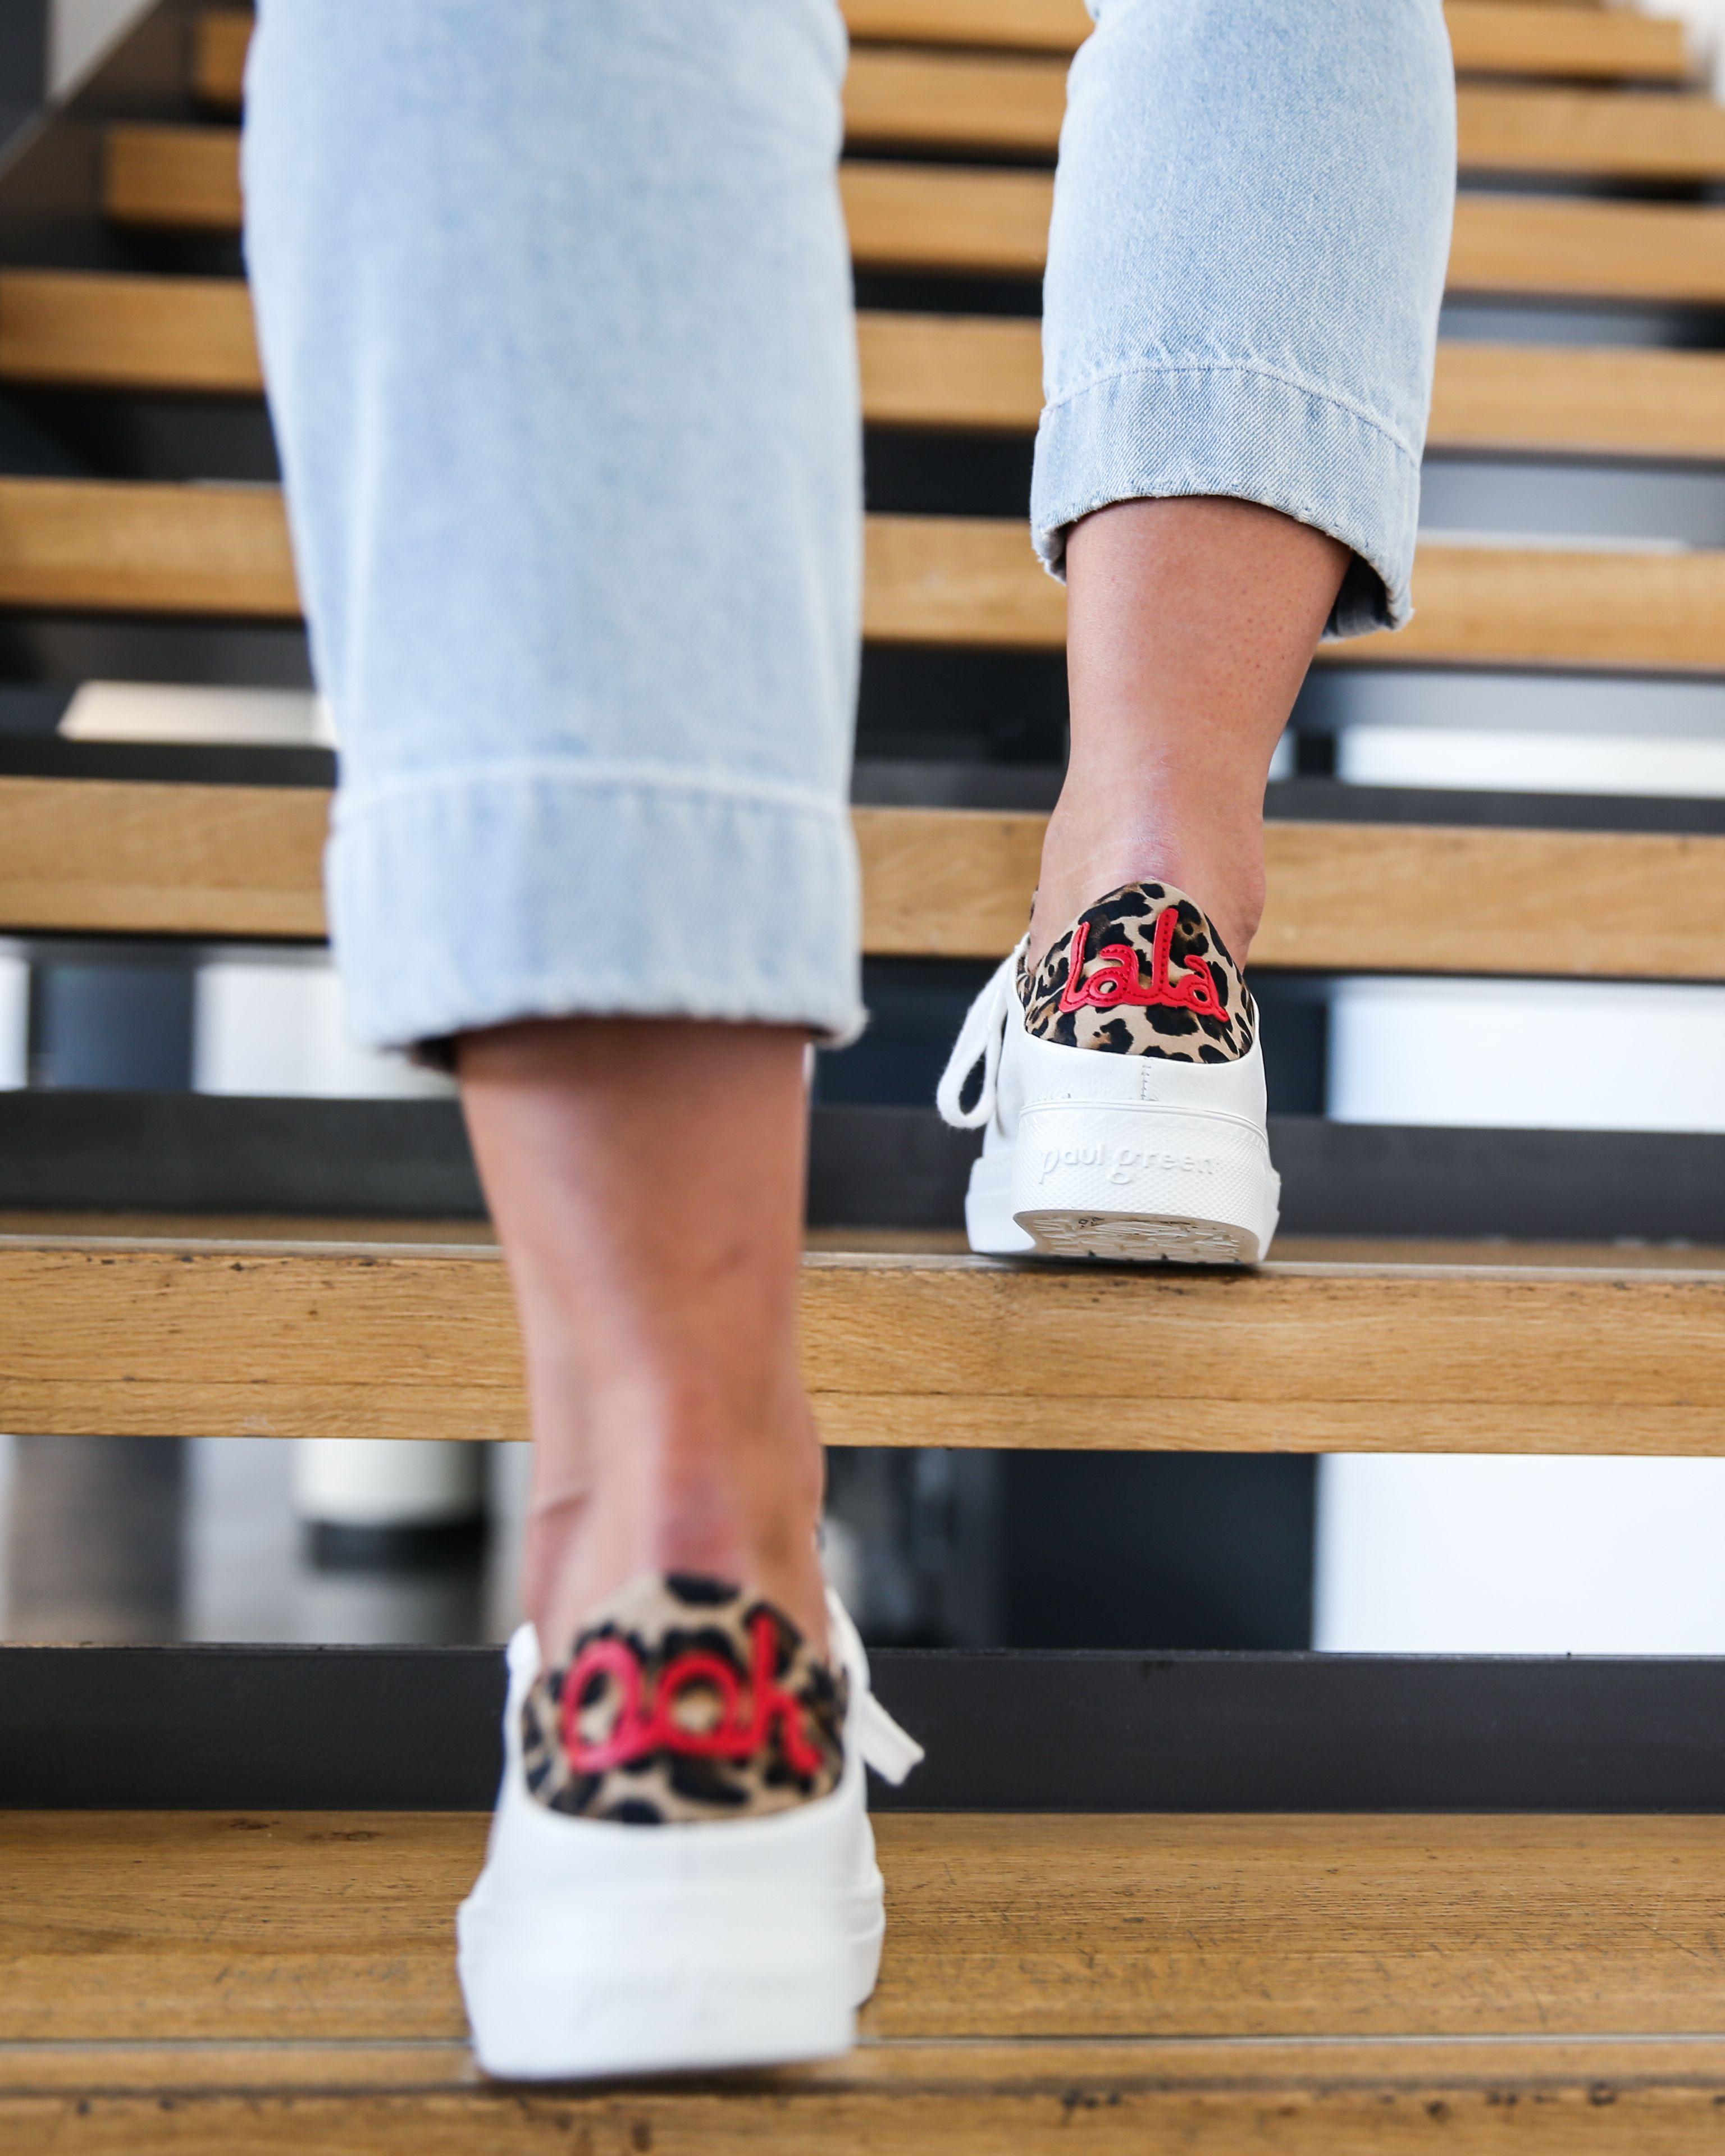 Paul Green Leder Sneaker in weiß mit Leodetail und roter